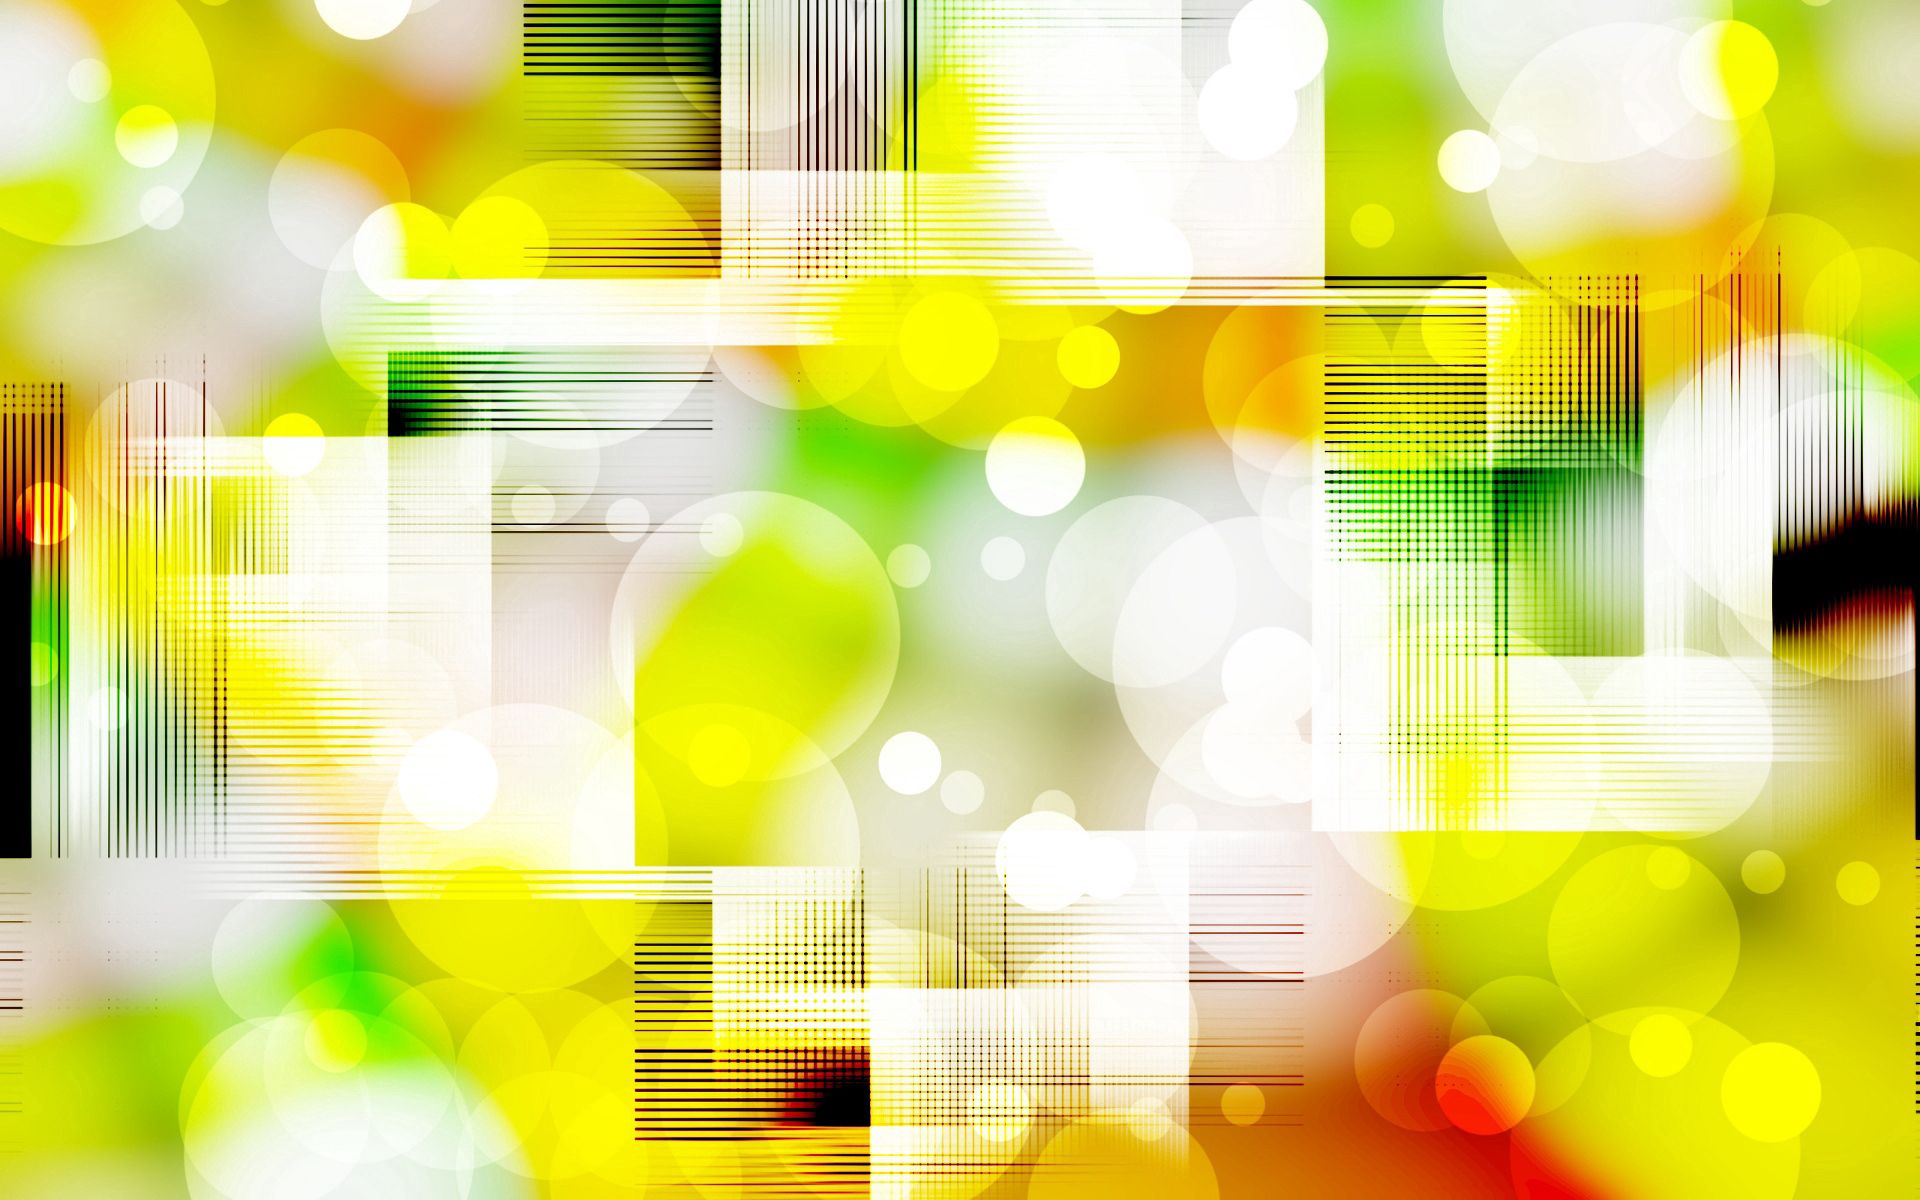 87801 Hintergrundbild herunterladen Kreise, Abstrakt, Blendung, Hell, Farbe, Quadrate - Bildschirmschoner und Bilder kostenlos